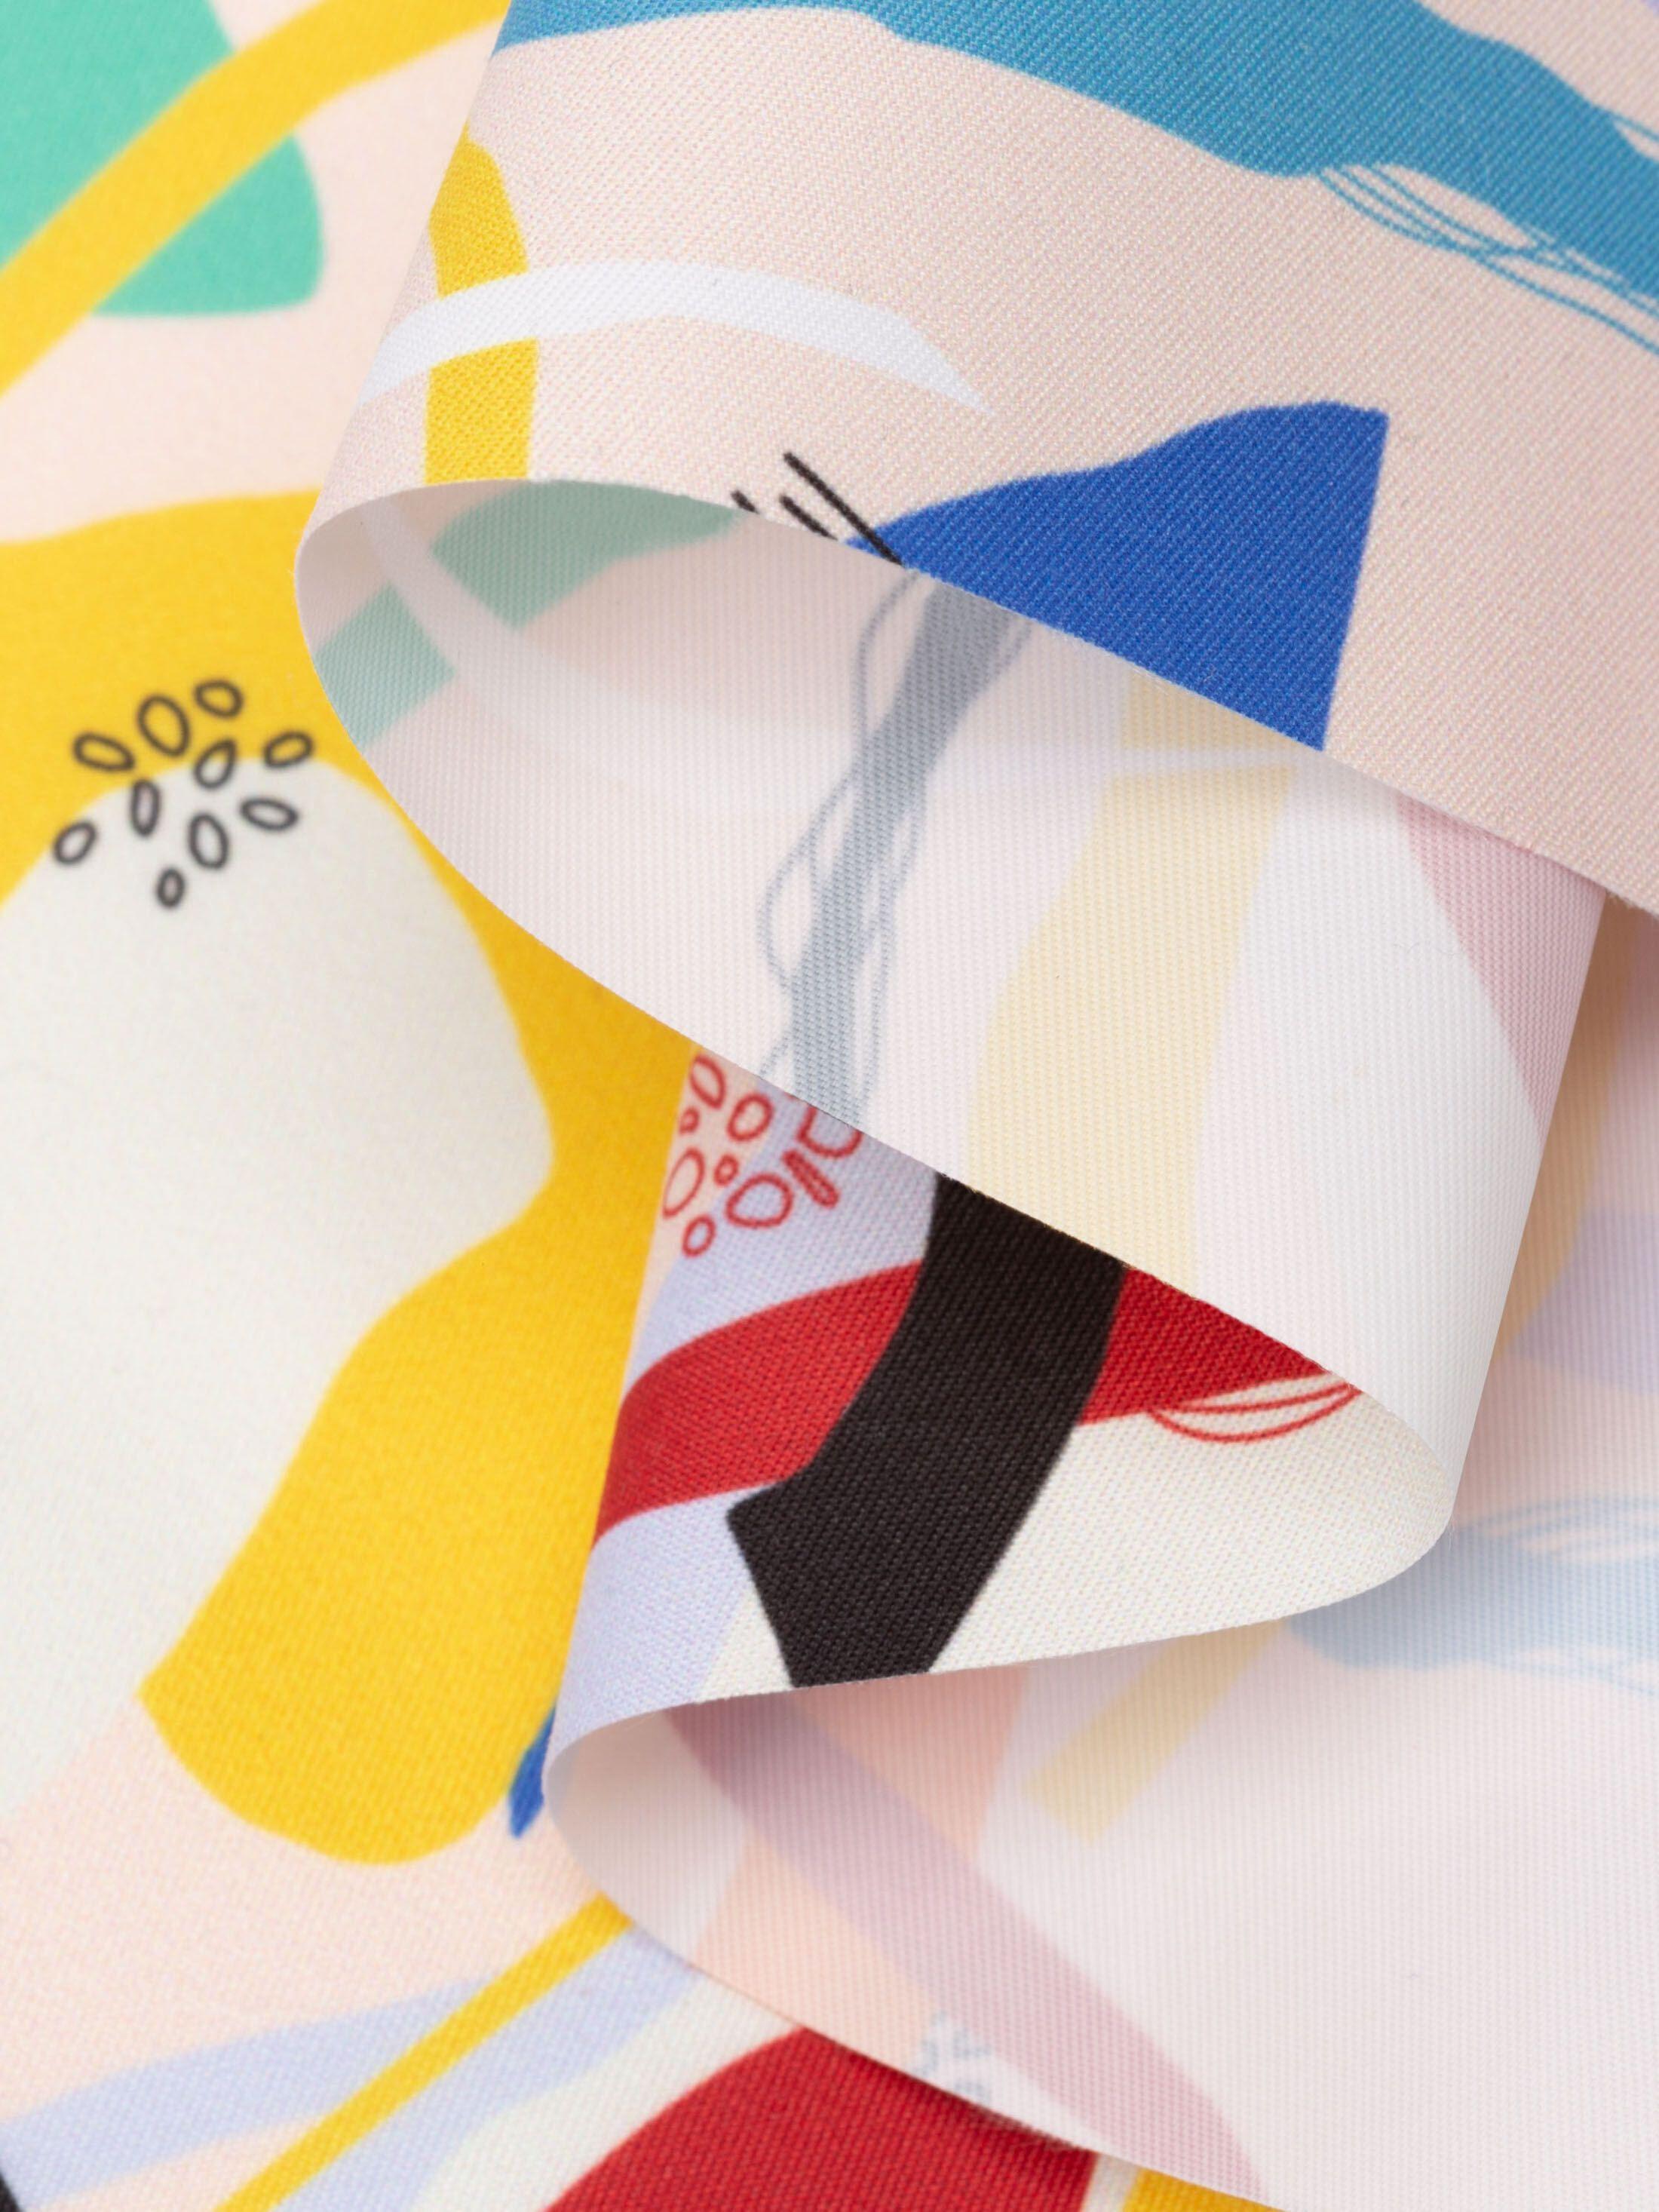 Köp vattentät textil online